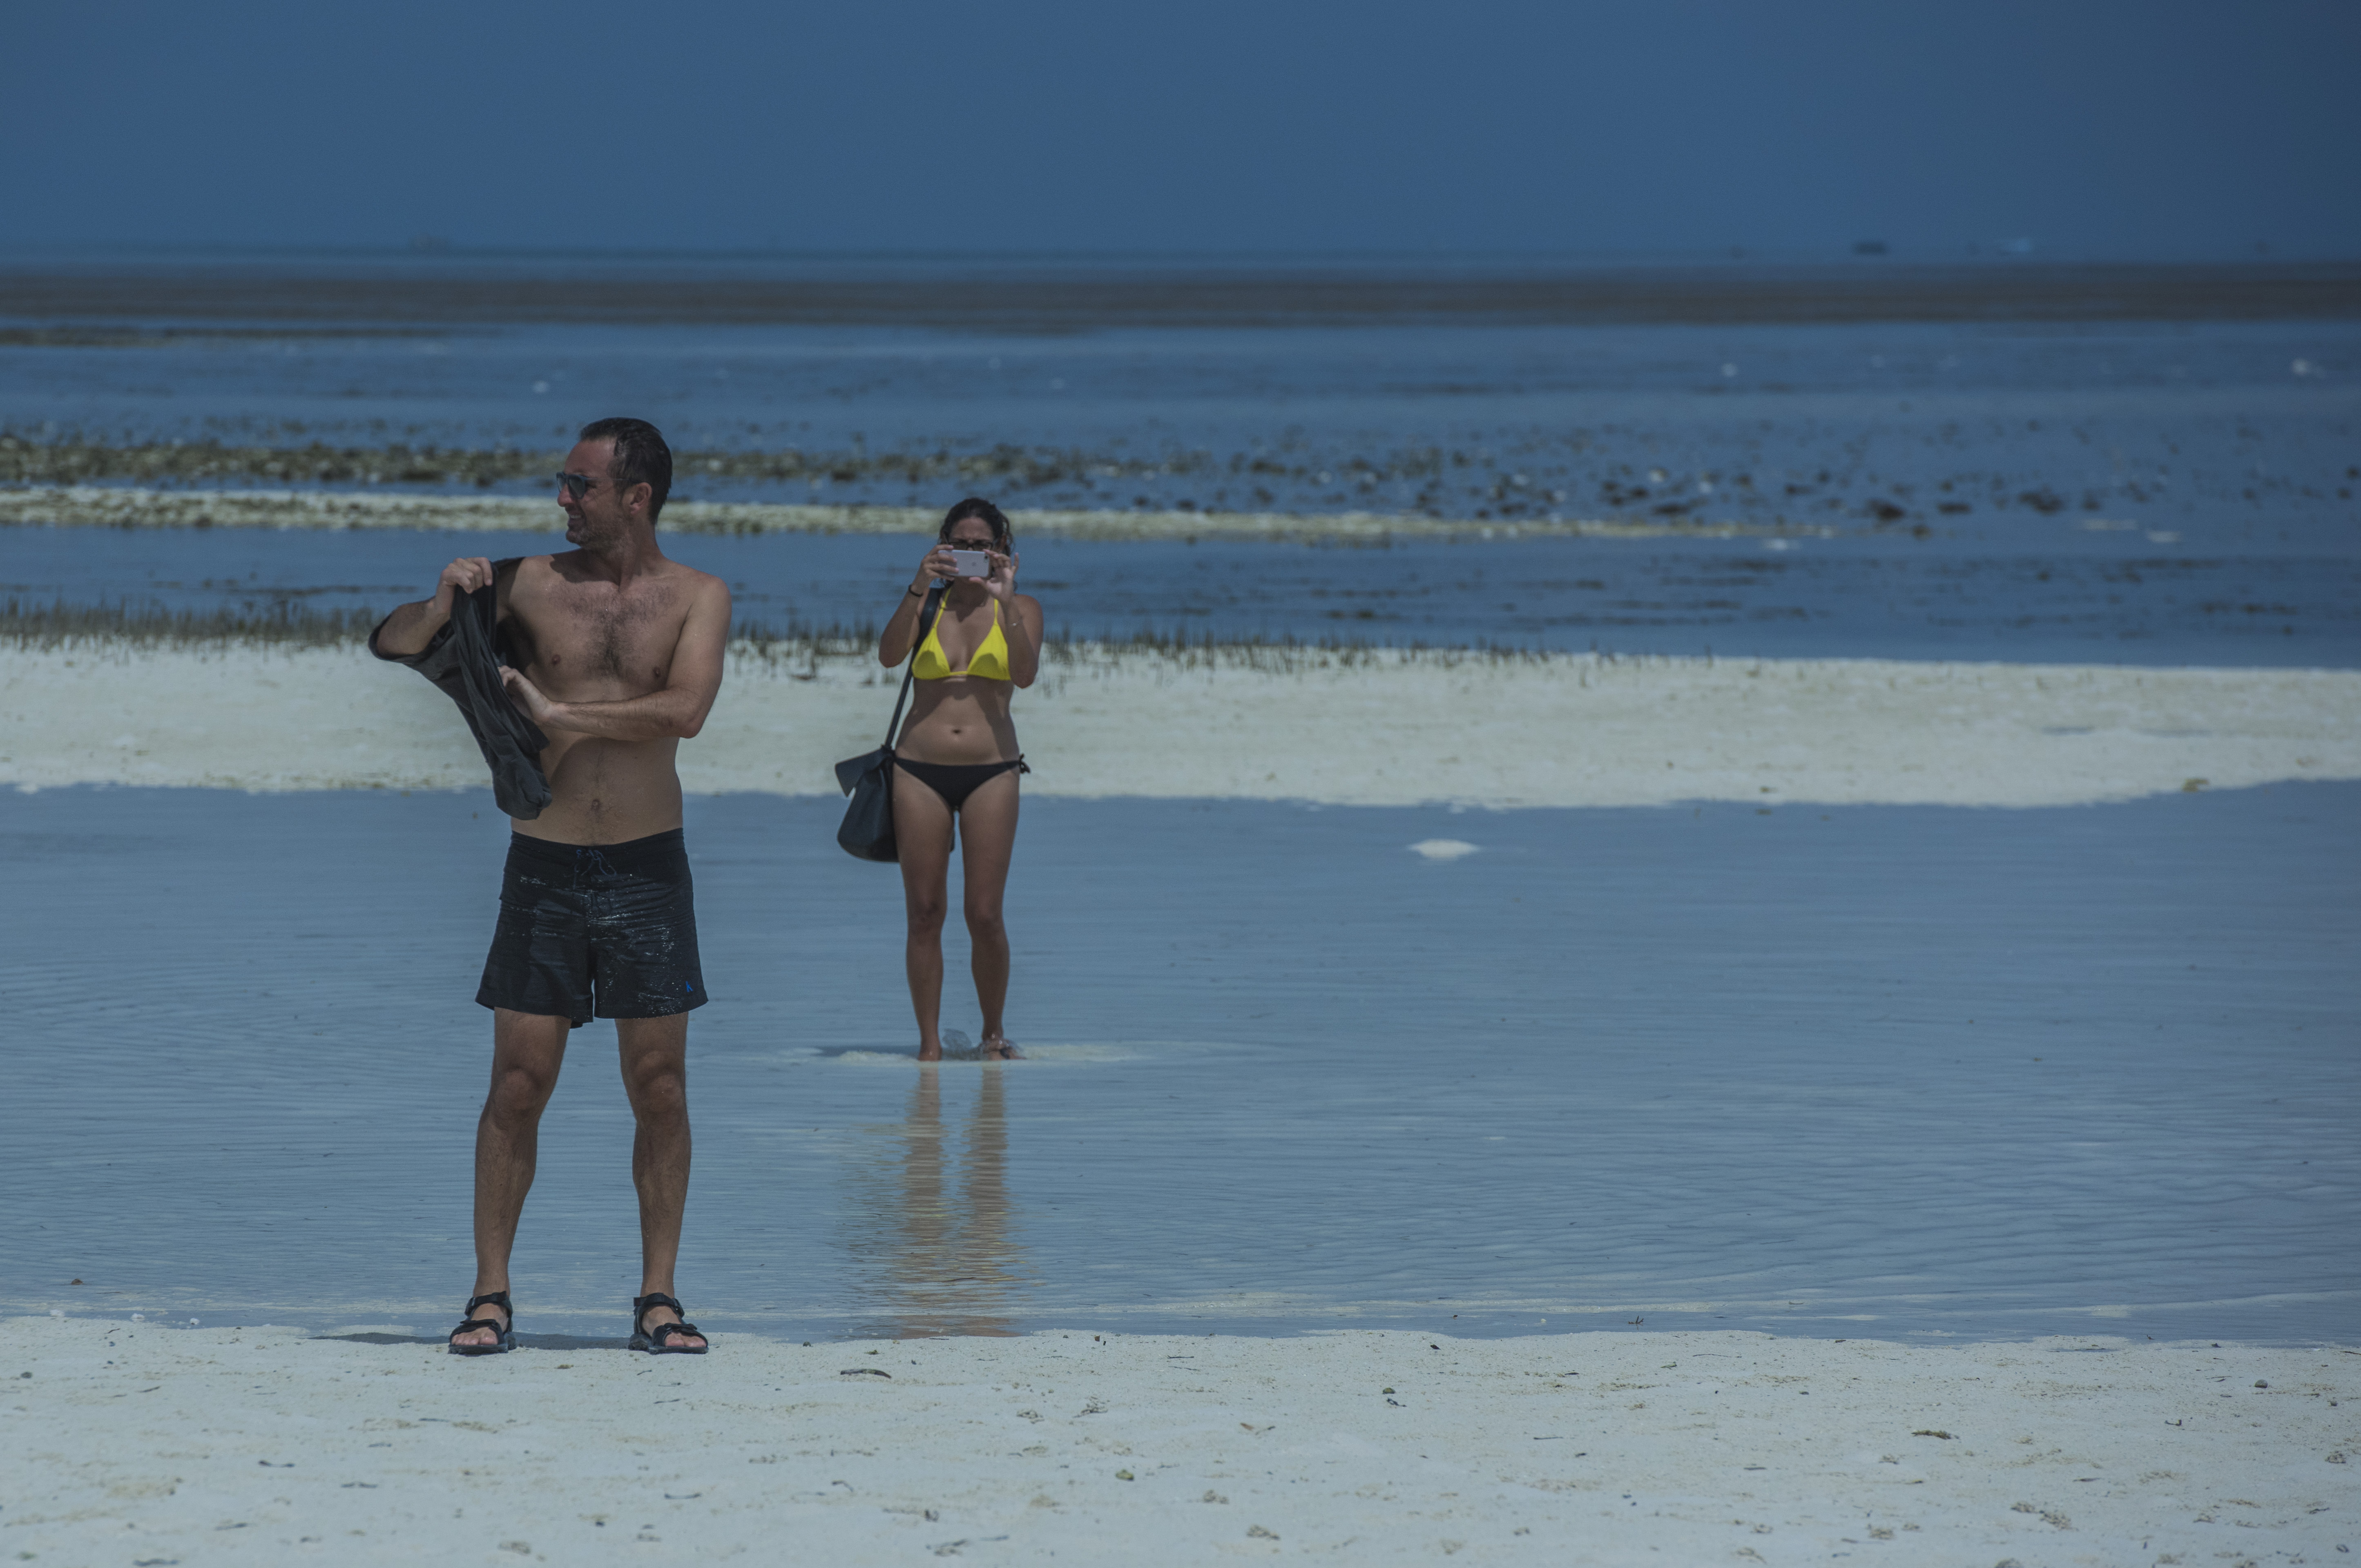 香艳!诱惑!这就是薄荷岛的沙滩